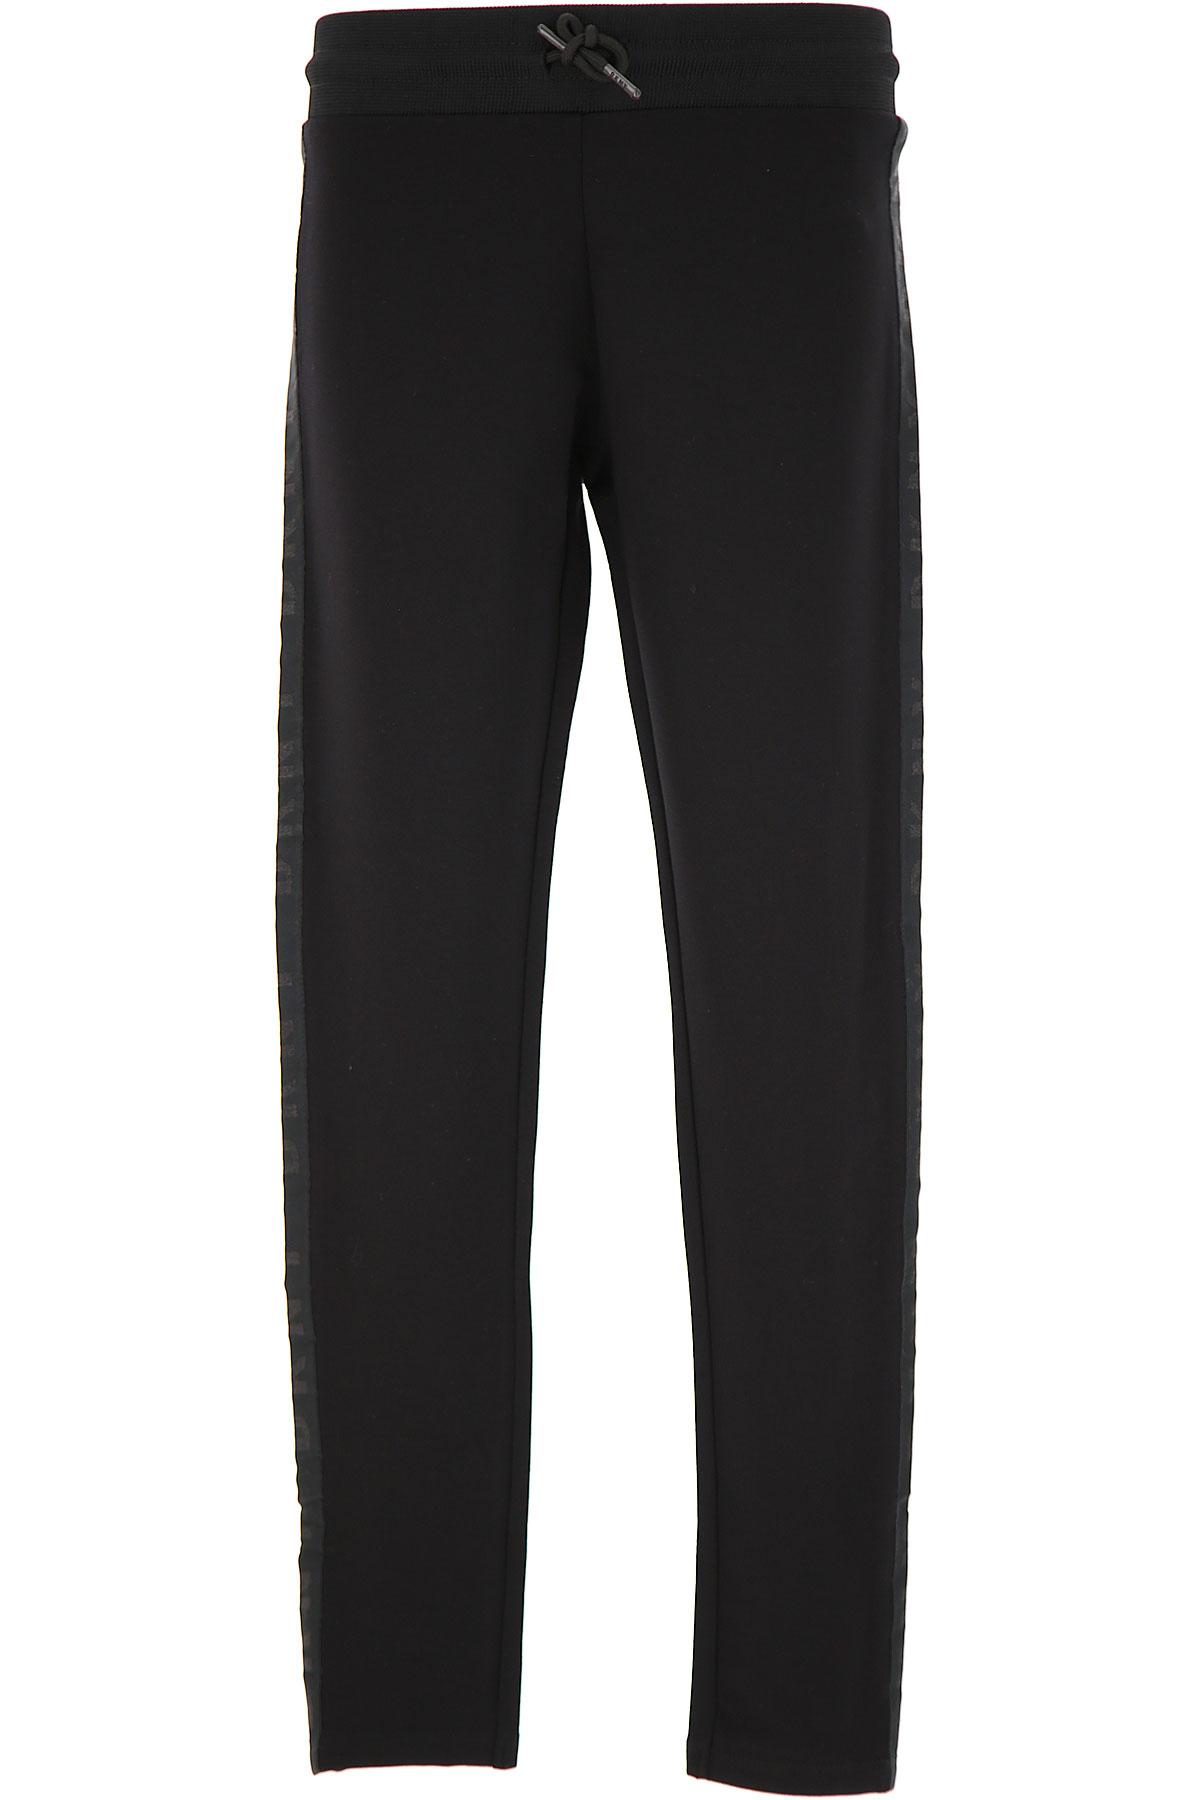 DKNY Kids Pants for Girls On Sale, Black, viscosa, 2019, 10Y 8Y